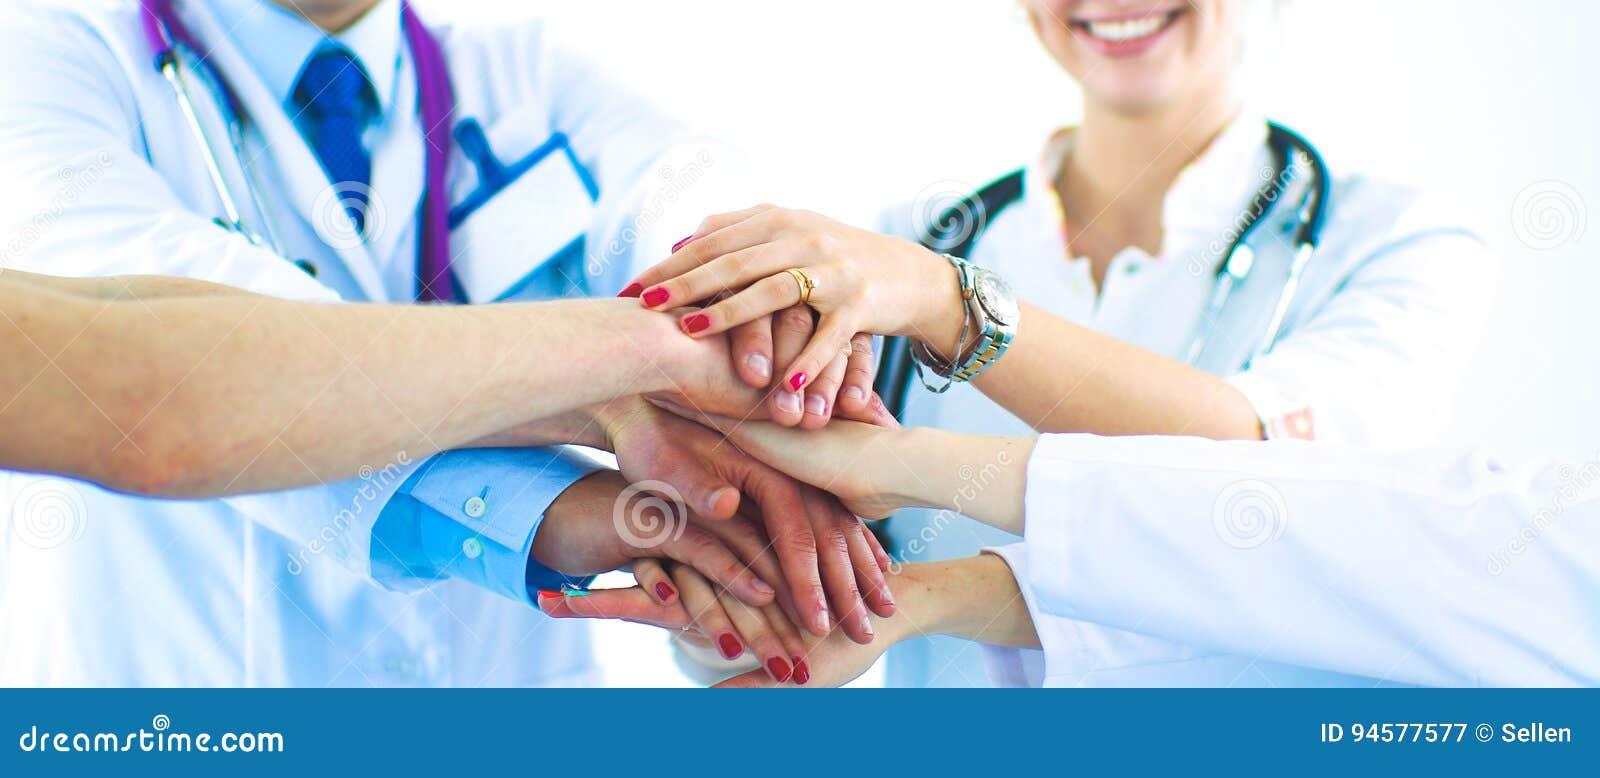 Médecins et infirmières dans une équipe médicale empilant des mains